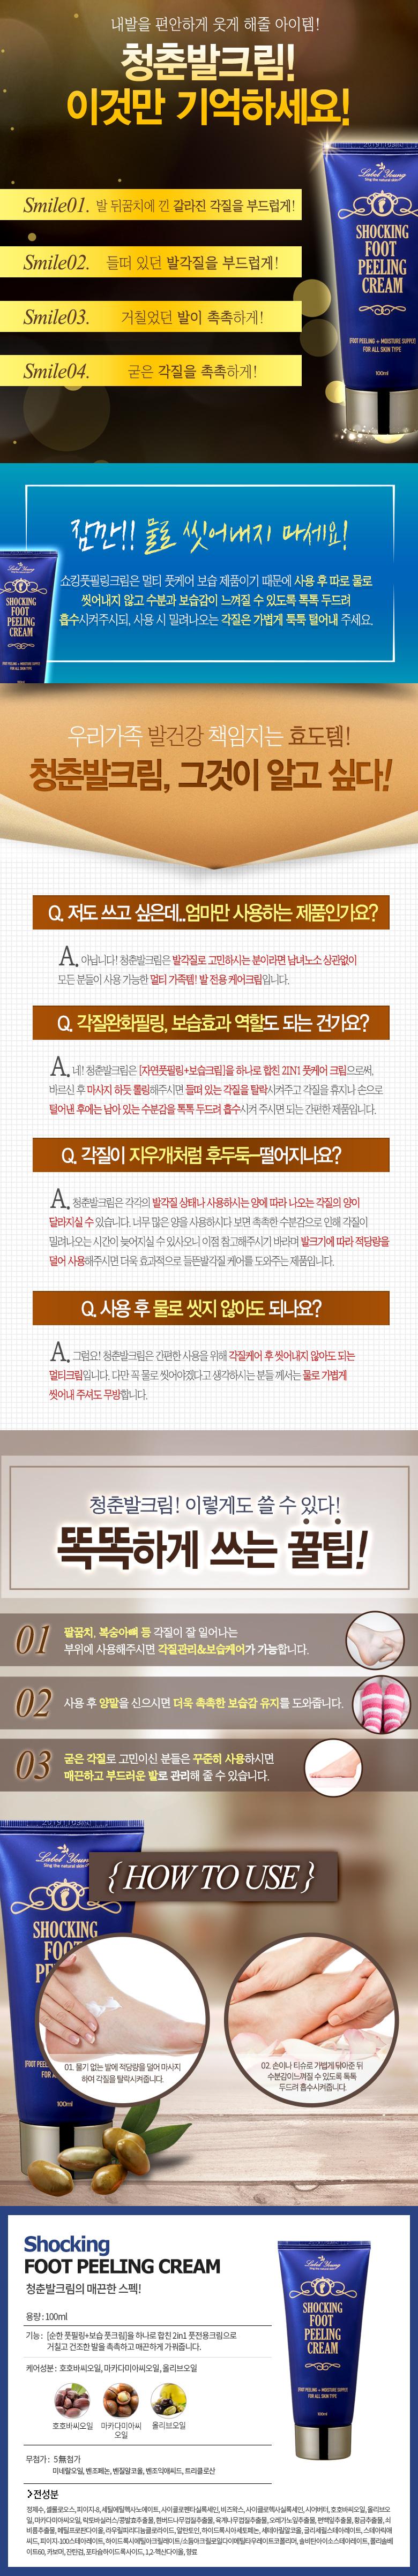 쇼킹풋필링크림 - 라벨영, 32,000원, 바디케어, 핸드/풋크림